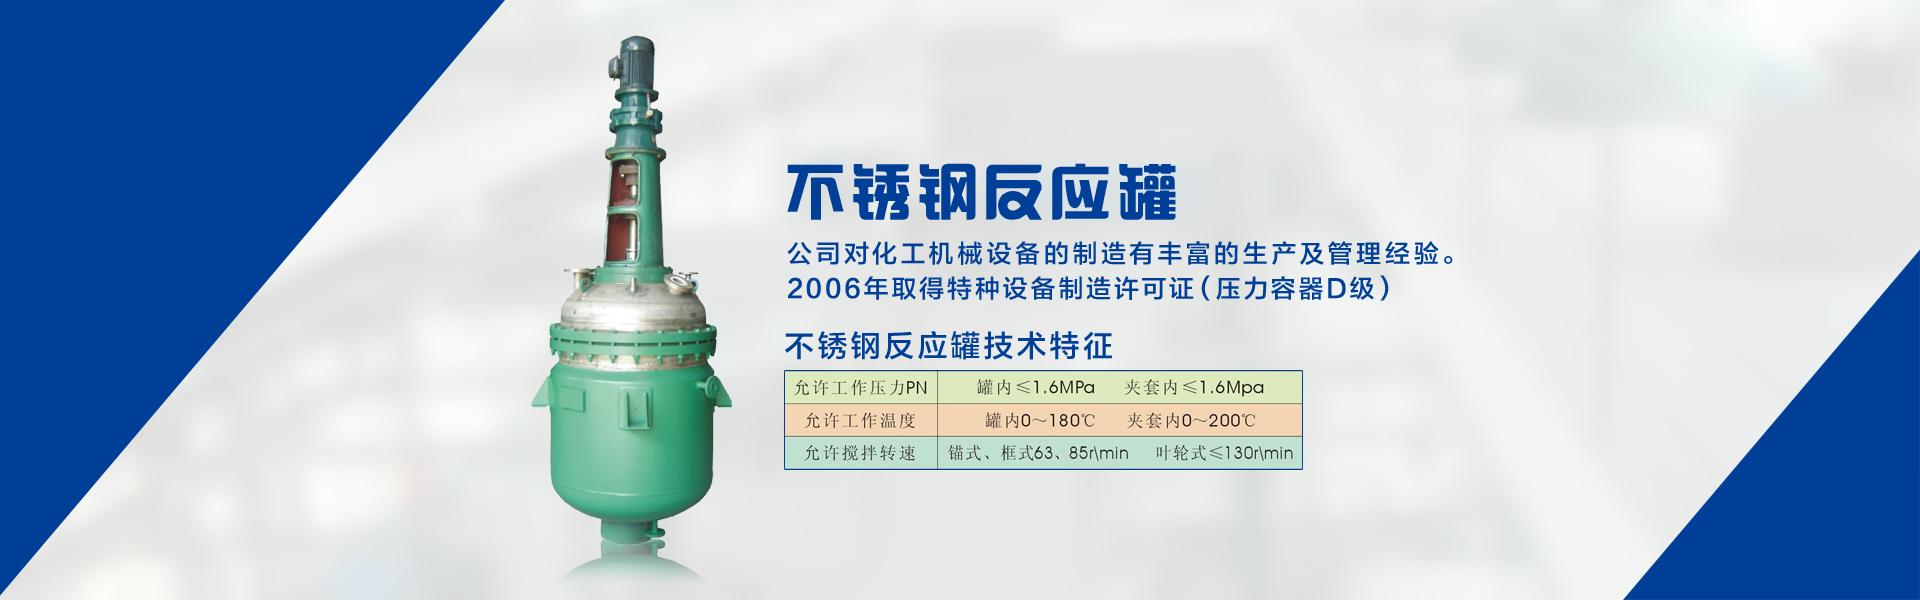 广东11选5提供不锈钢反应釜,搪瓷反应罐等产品!